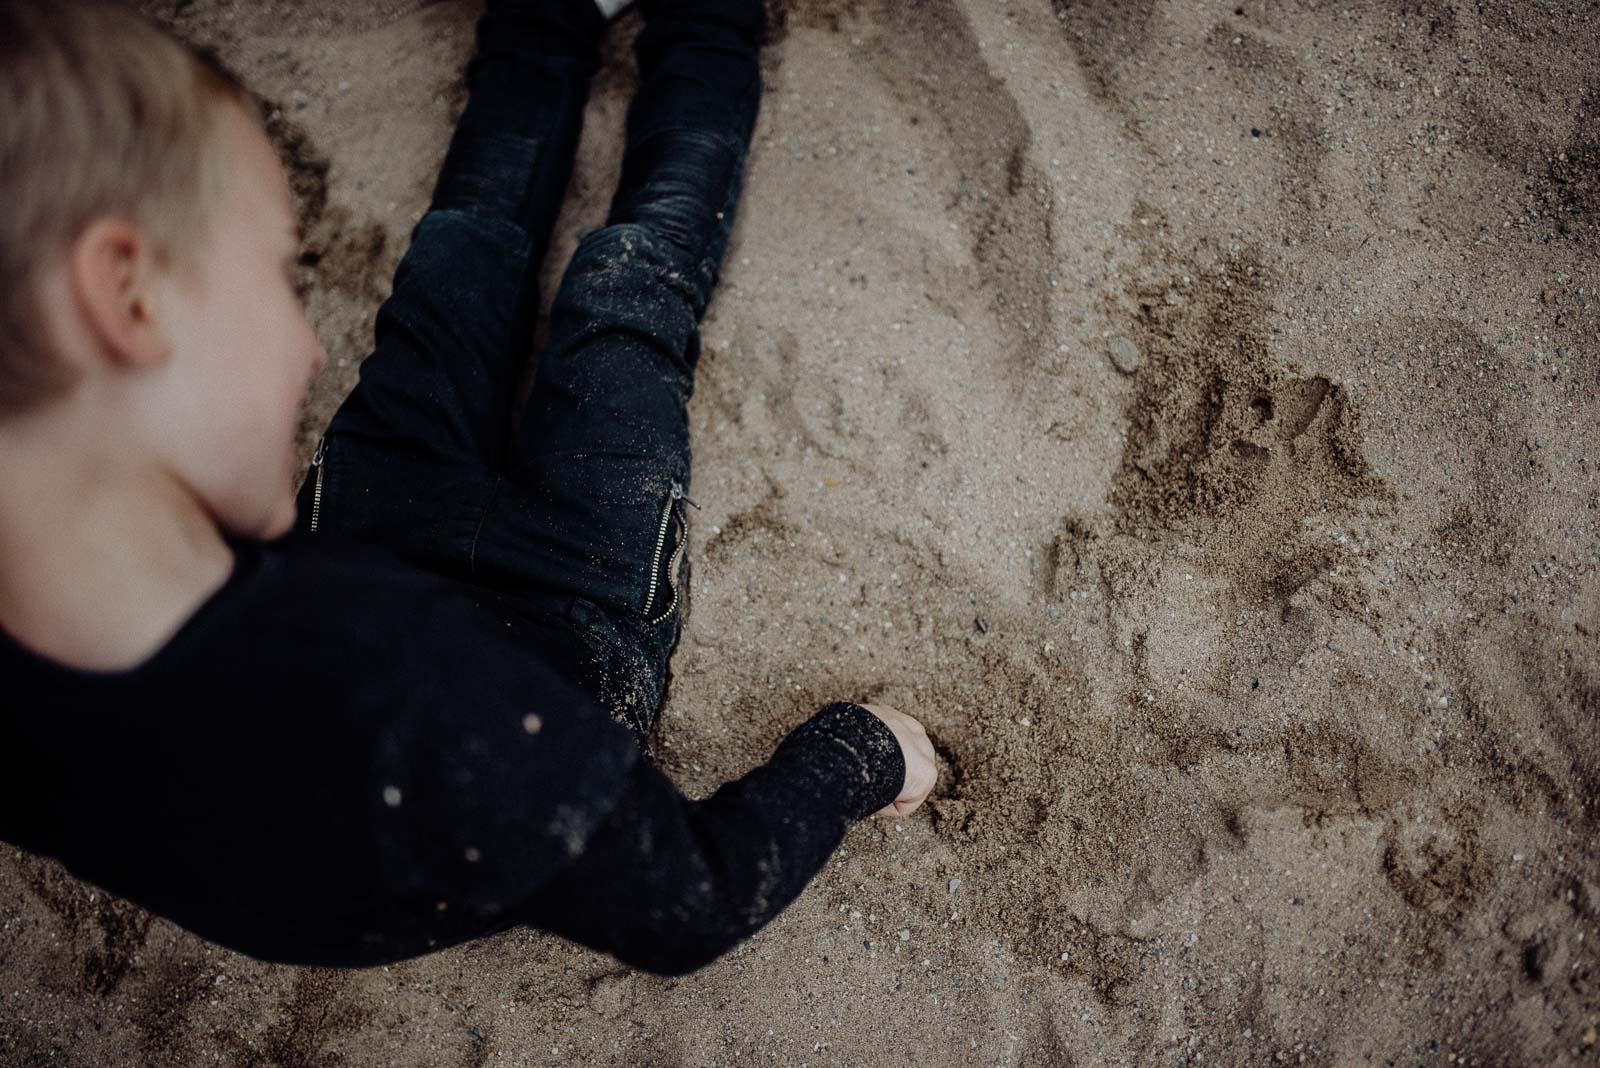 Spiel im Sand beim Fotoshooting